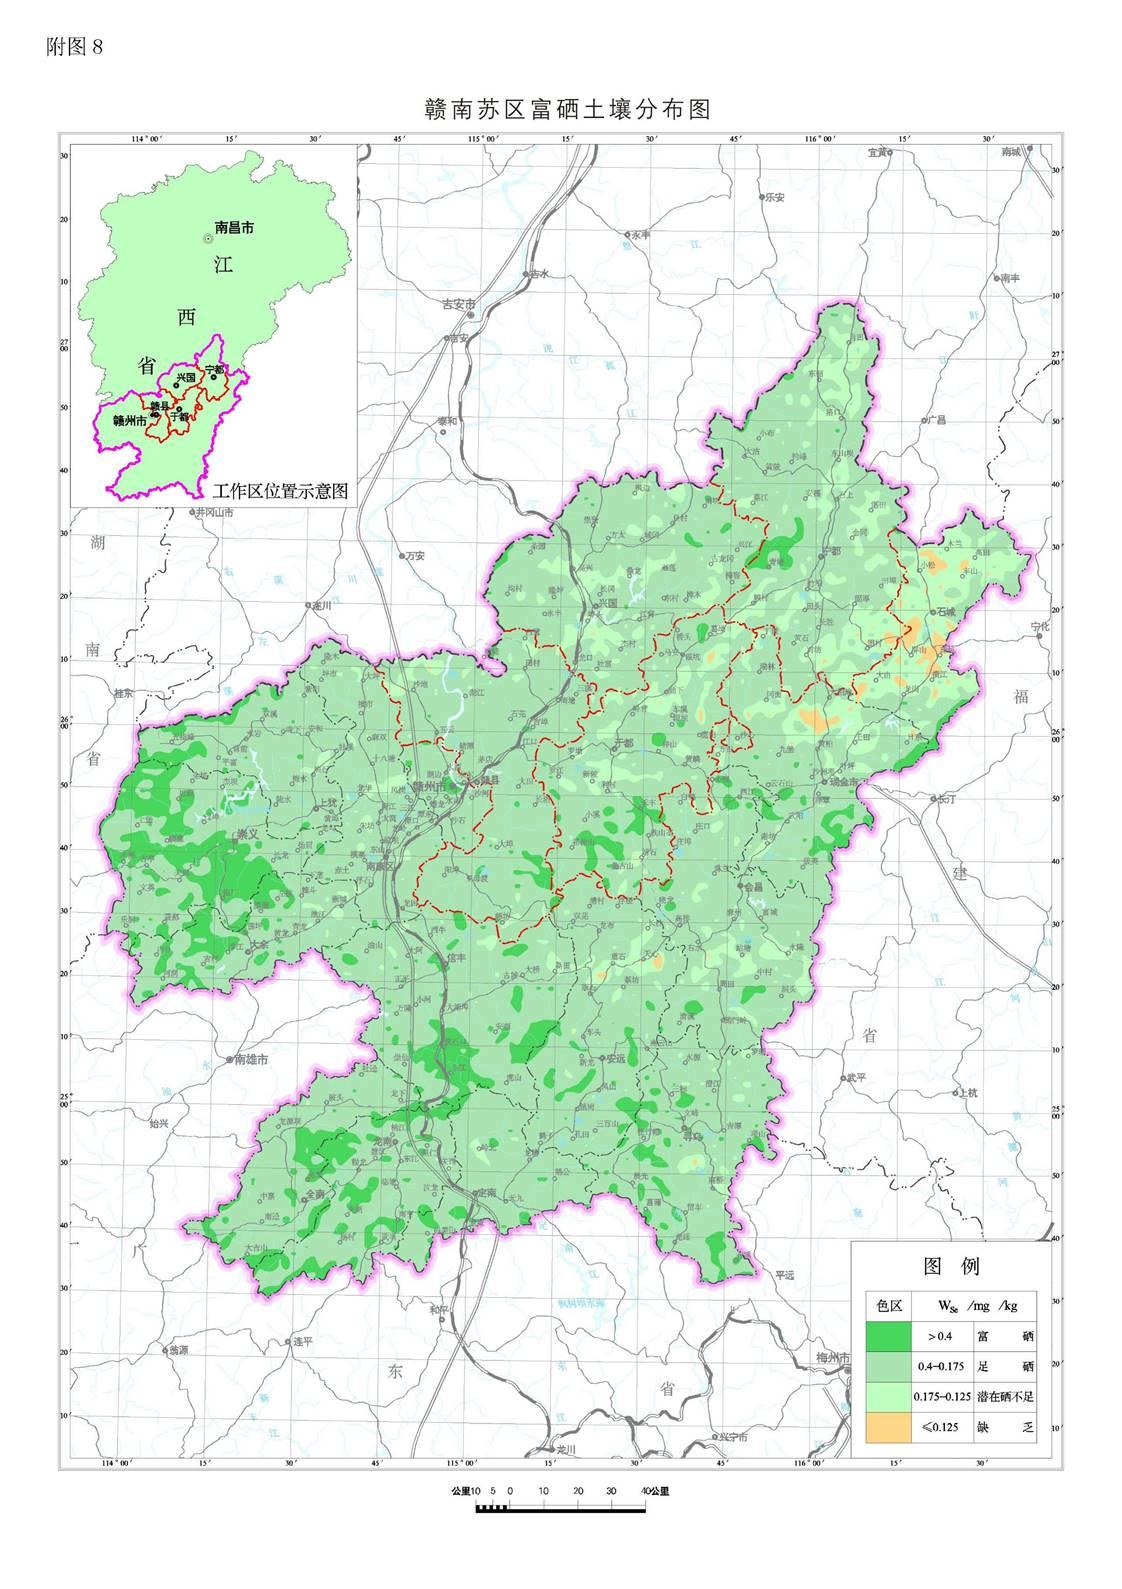 南苏区富硒土壤分布图